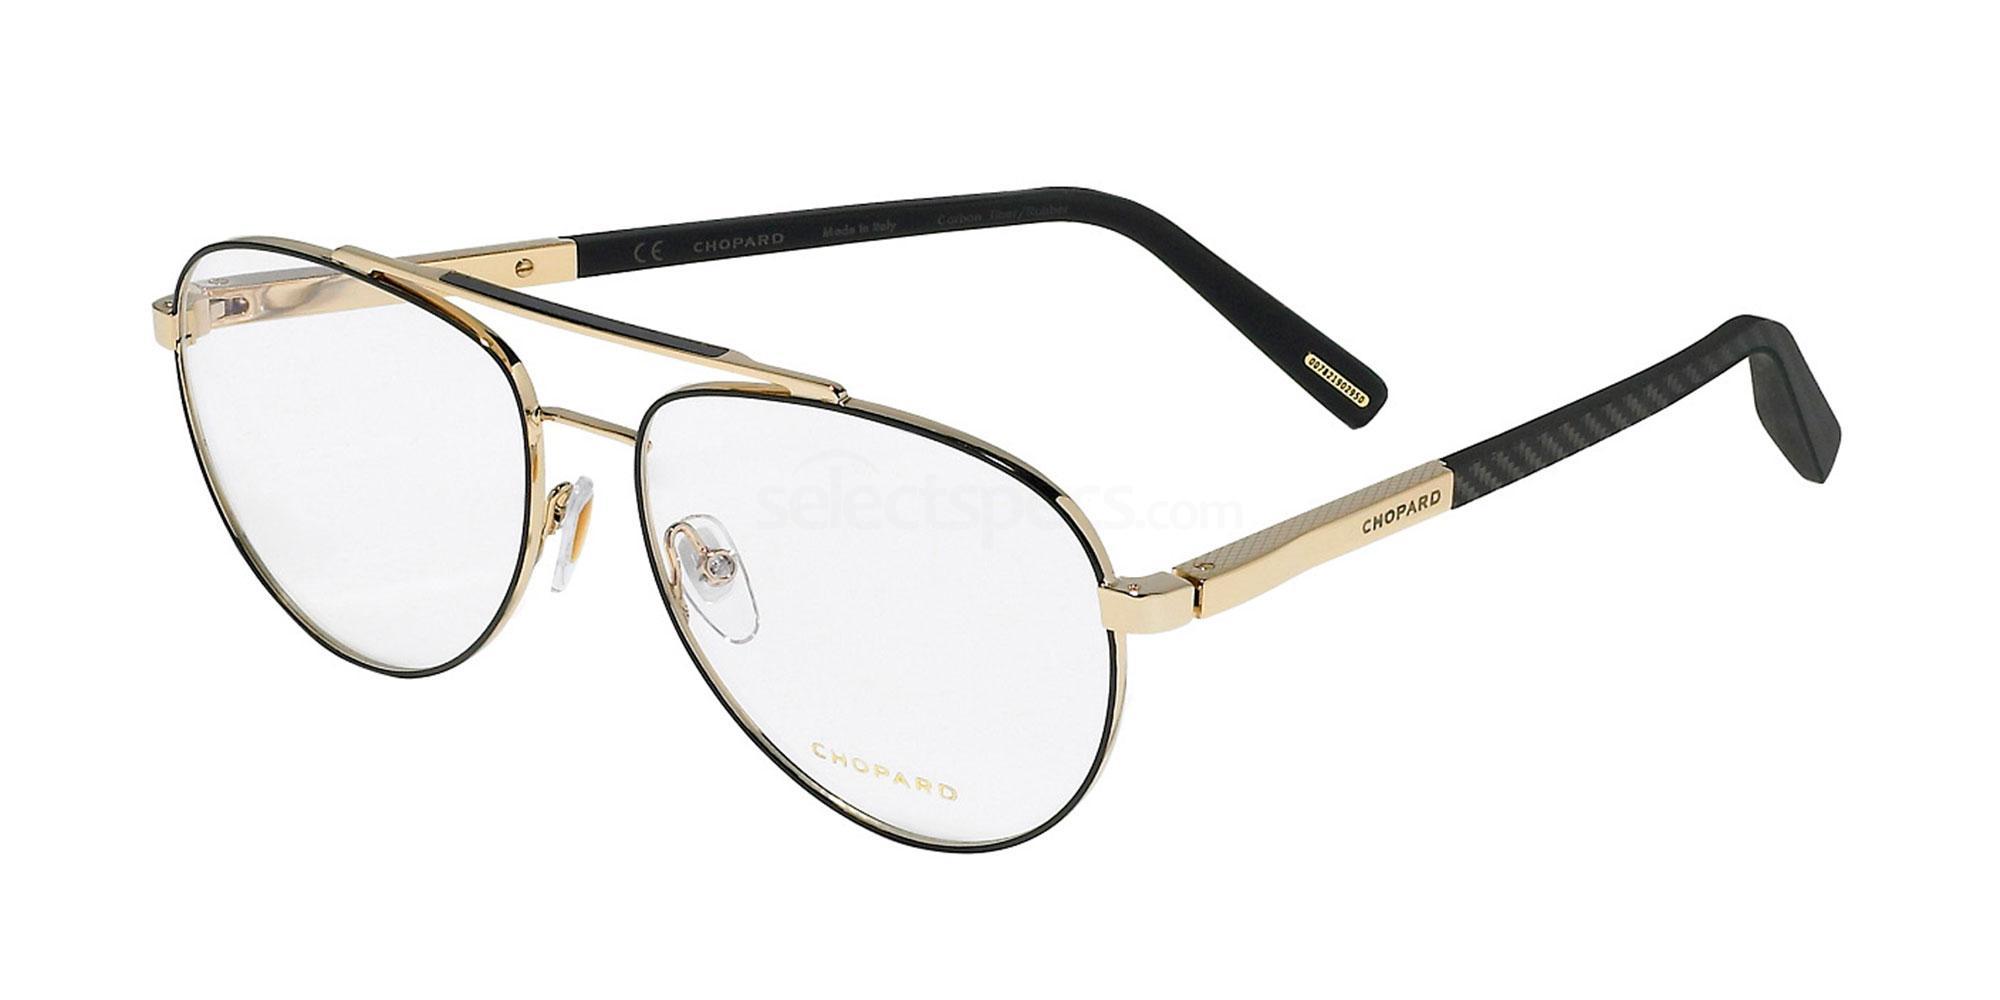 0301 VCHD21 Glasses, Chopard